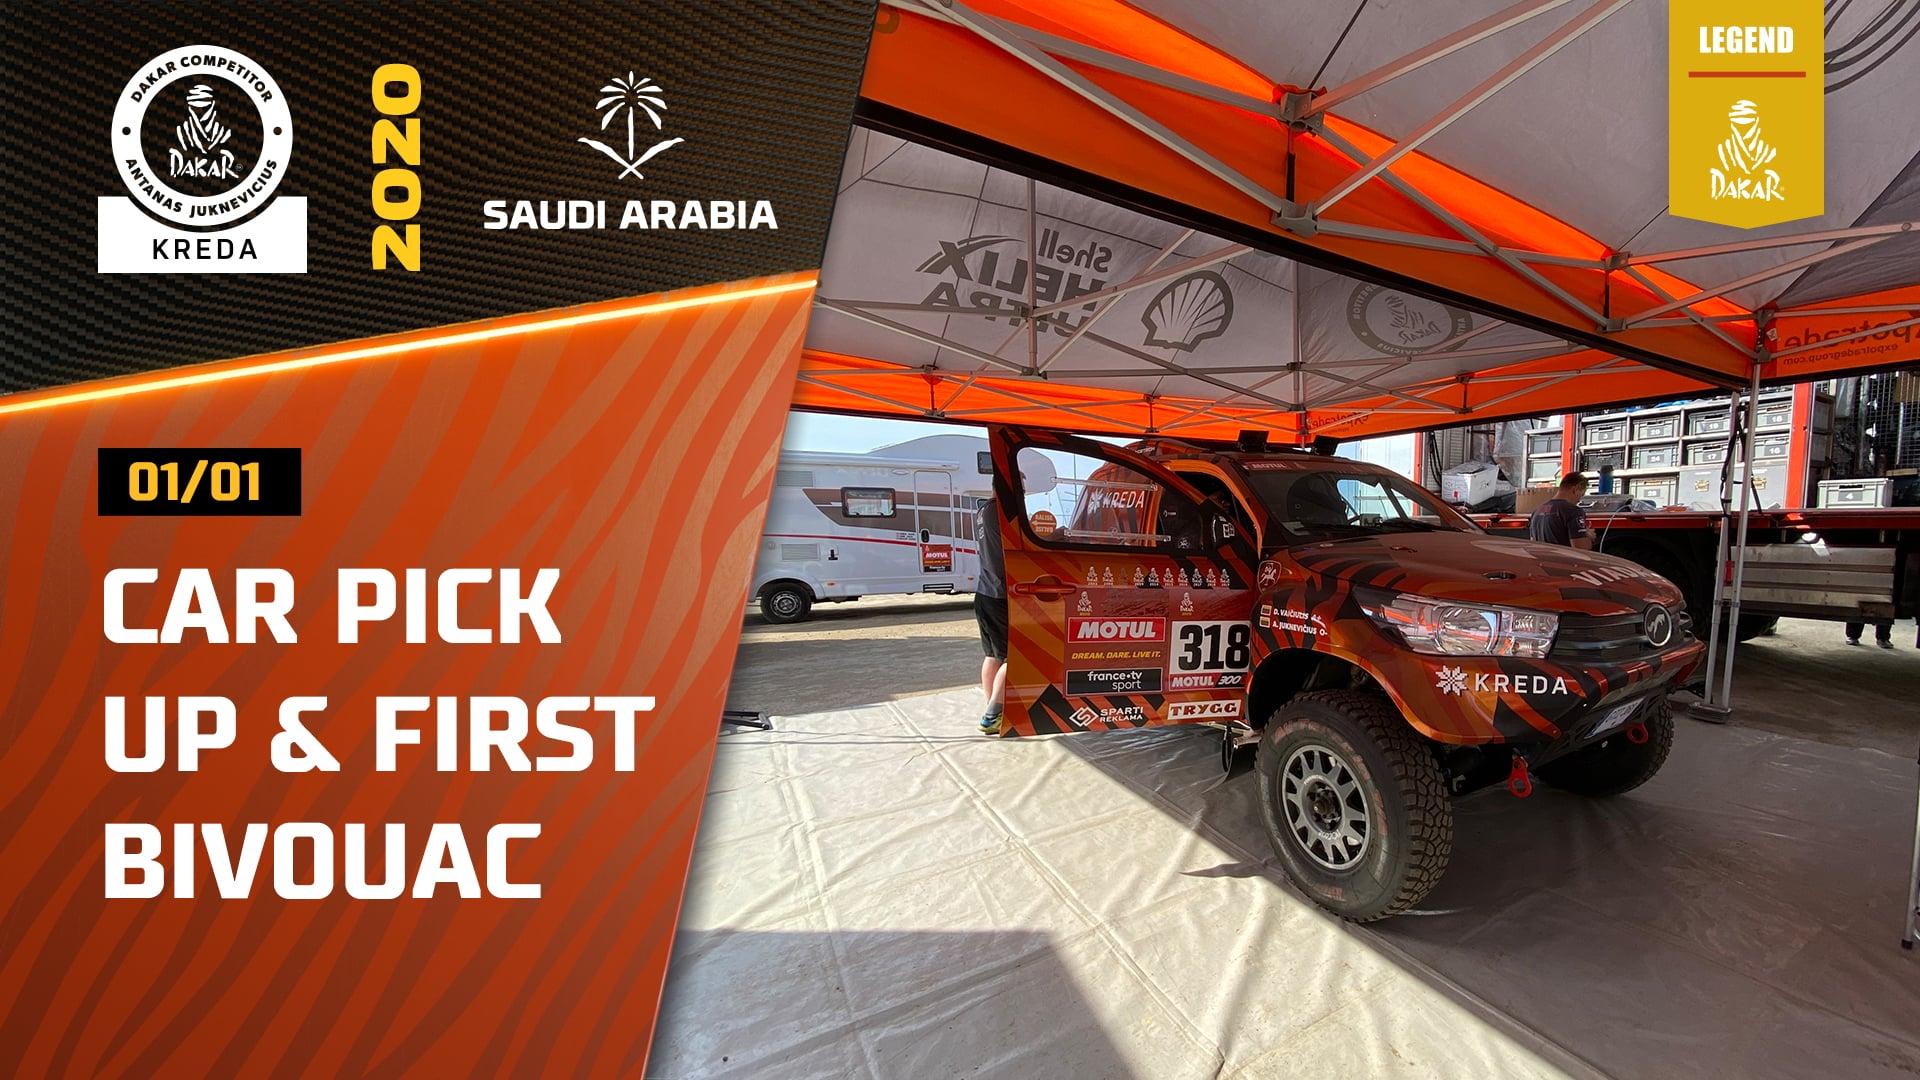 Dakar Rally 2020. Picking up Dakar Cars in Jeddah, First Bivuoac